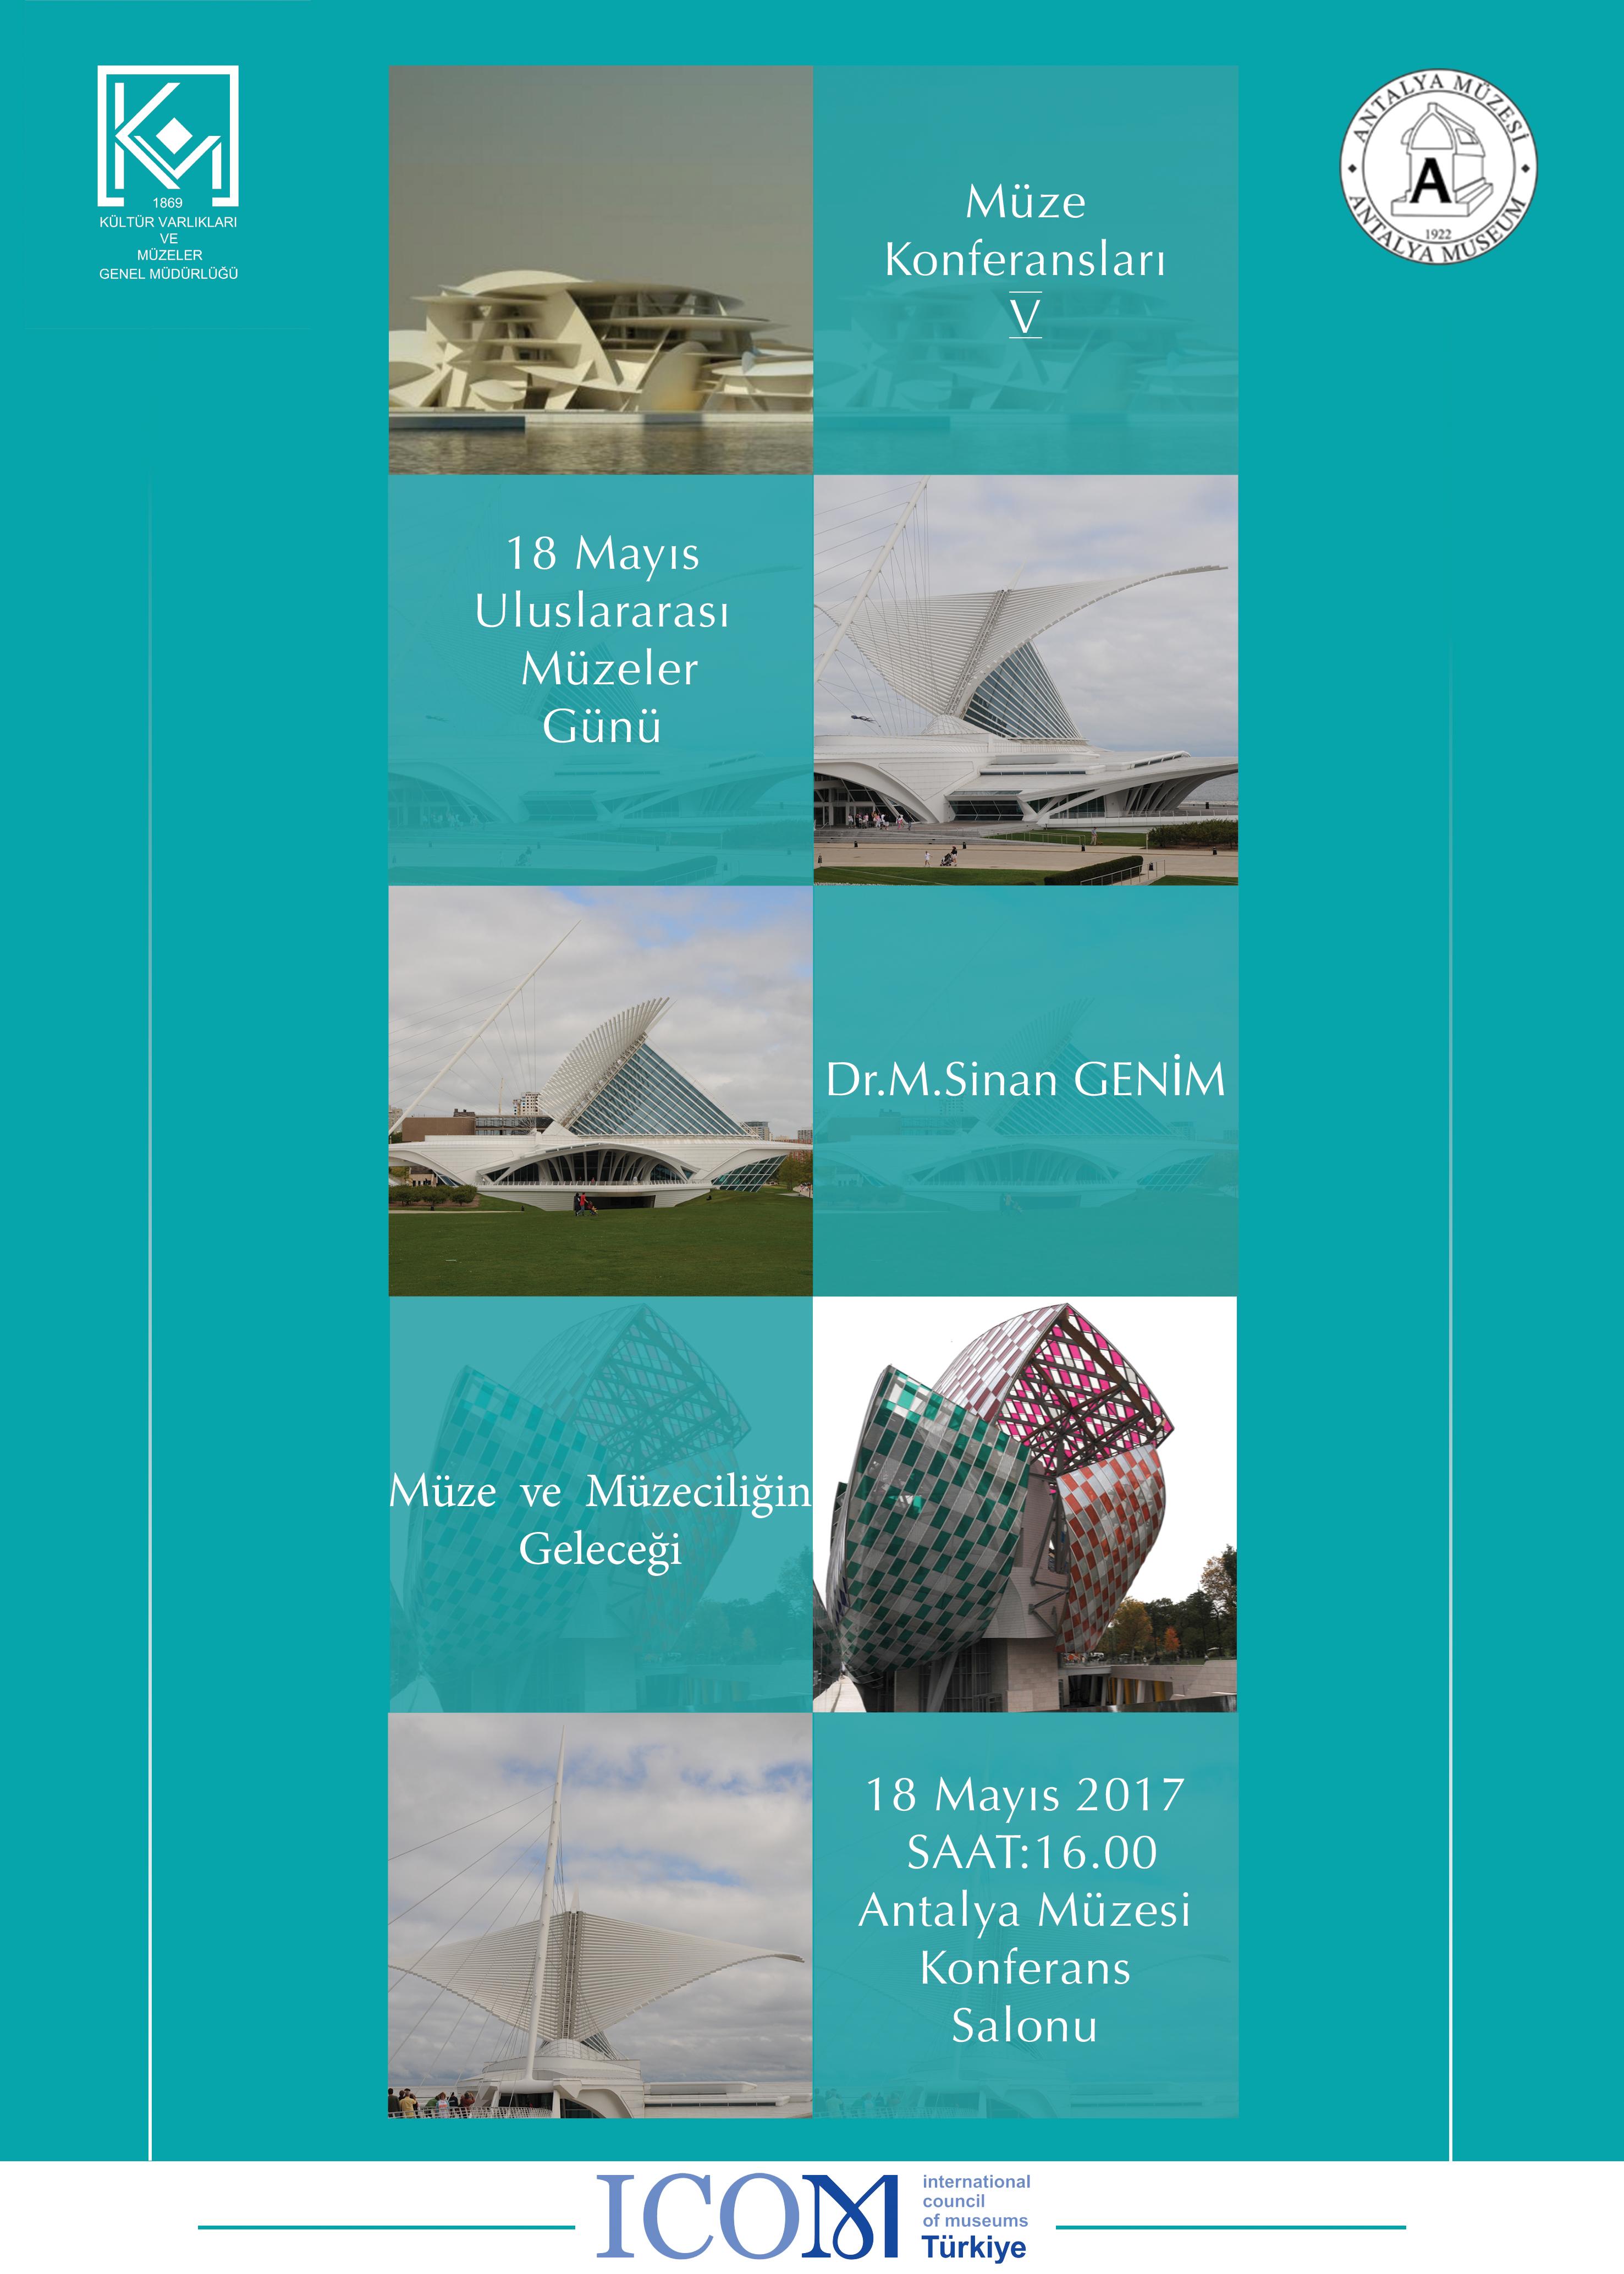 Antalya müzesi afişi 1